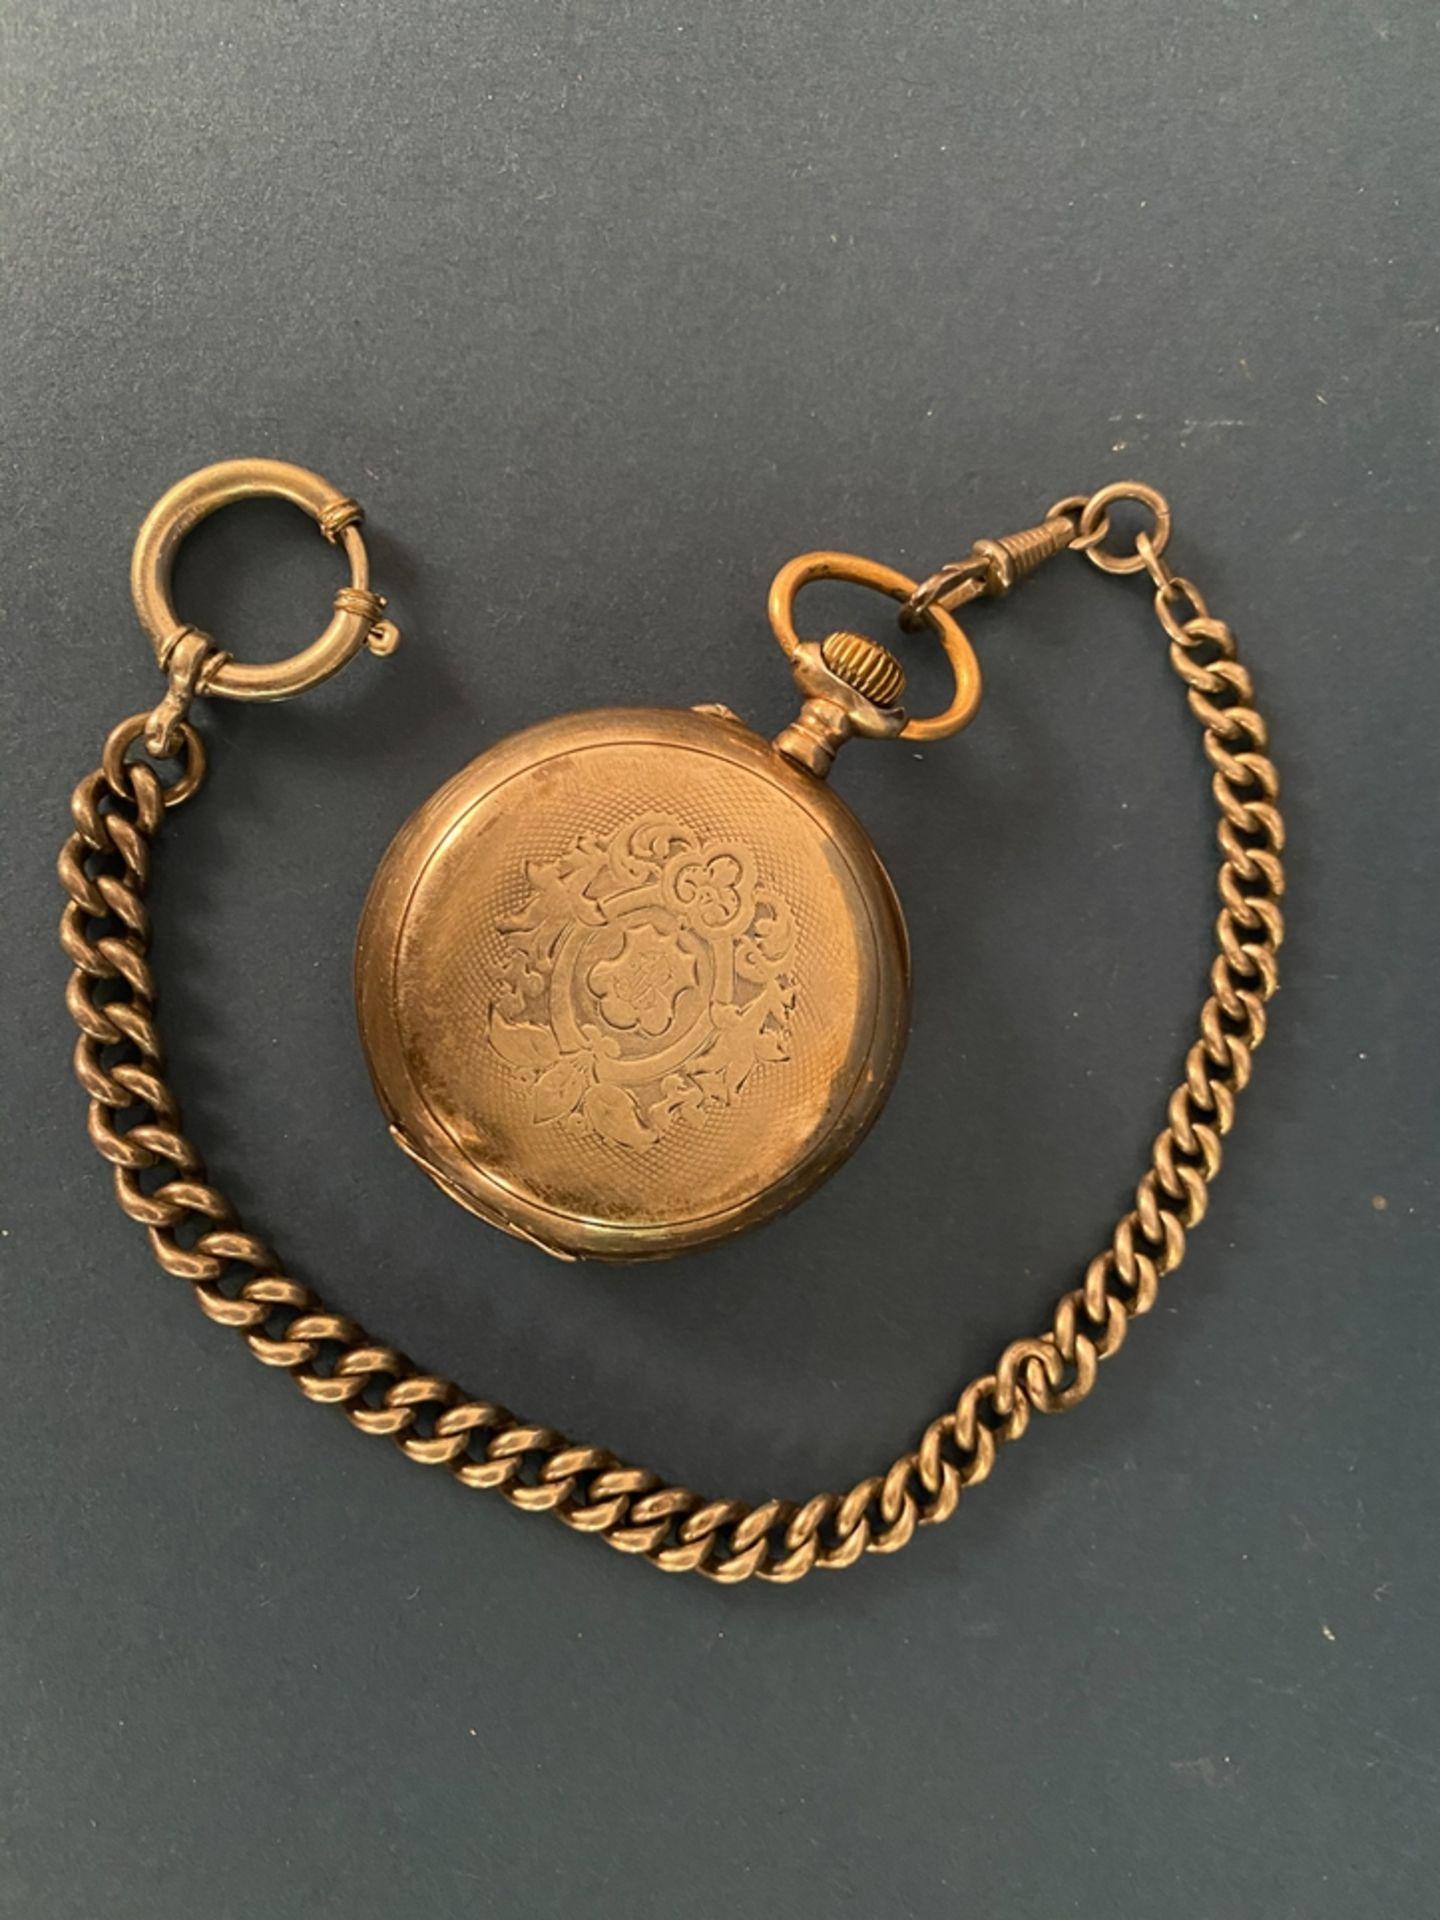 Silberne Taschenuhr an Uhrenkette (Länge ca. 27 cm), beides 800er Silber, ungeprüft (Durchmesser der - Bild 5 aus 7